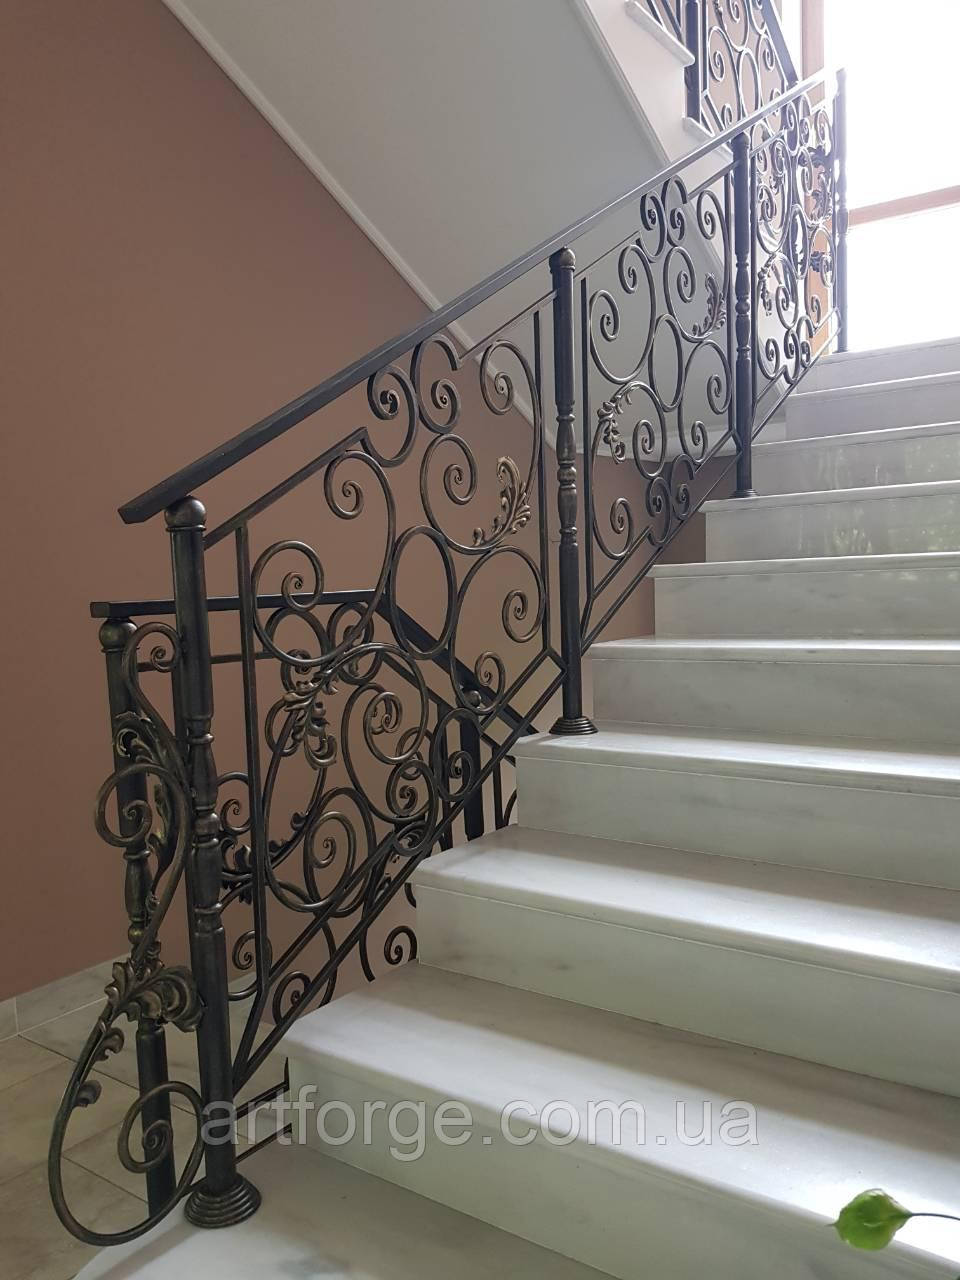 Ковані перила для сходів, балкона, в класичному стилі.